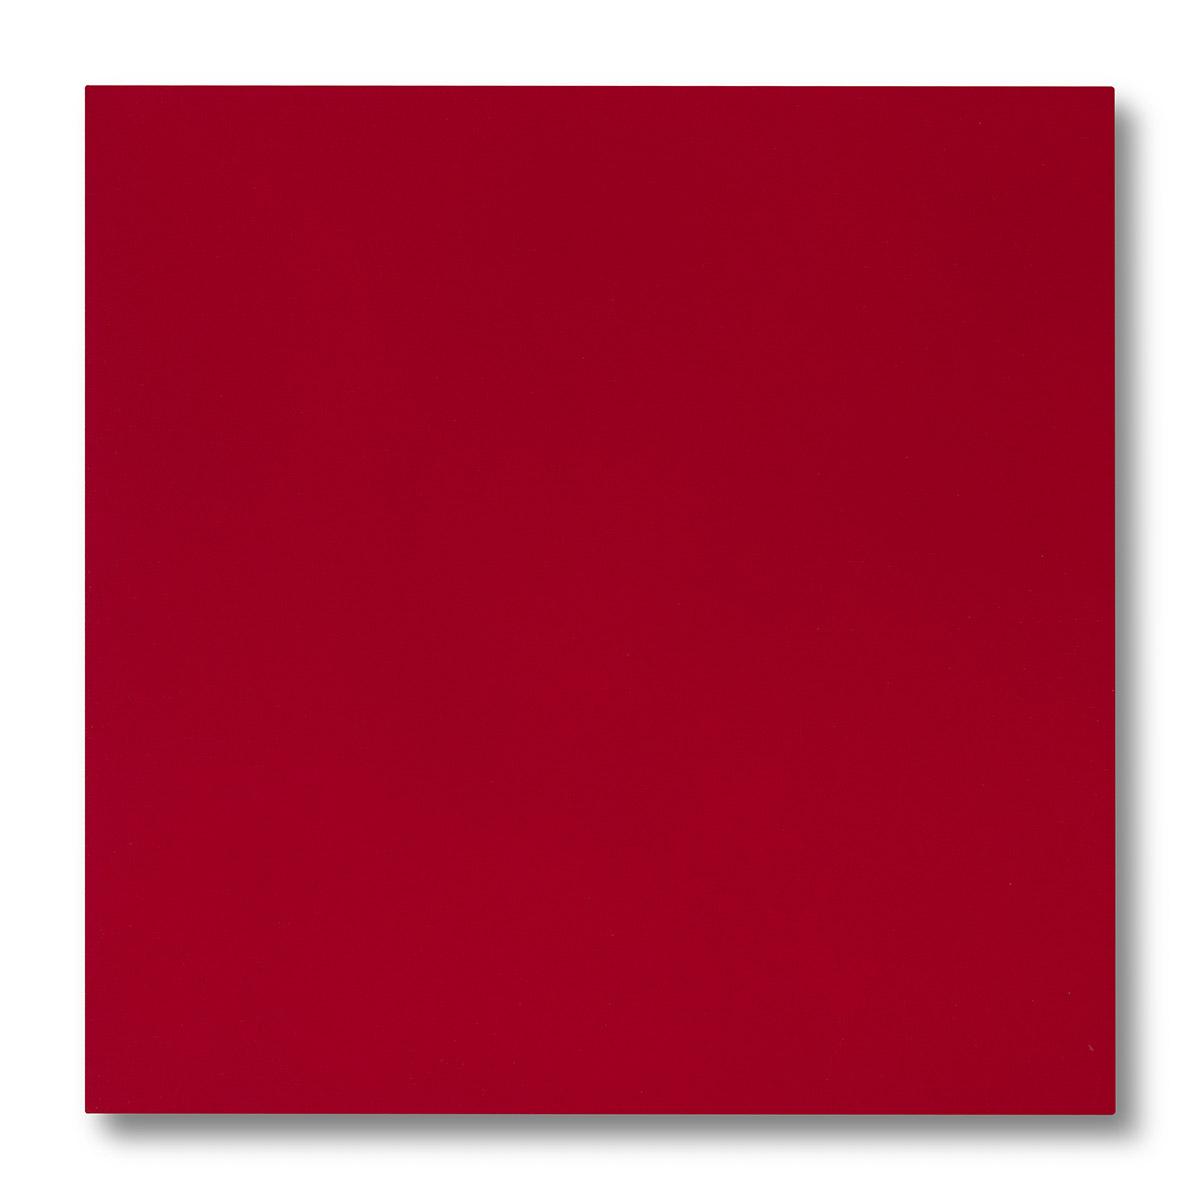 Pannellino di legno dipinto con effetto seta colore rosso